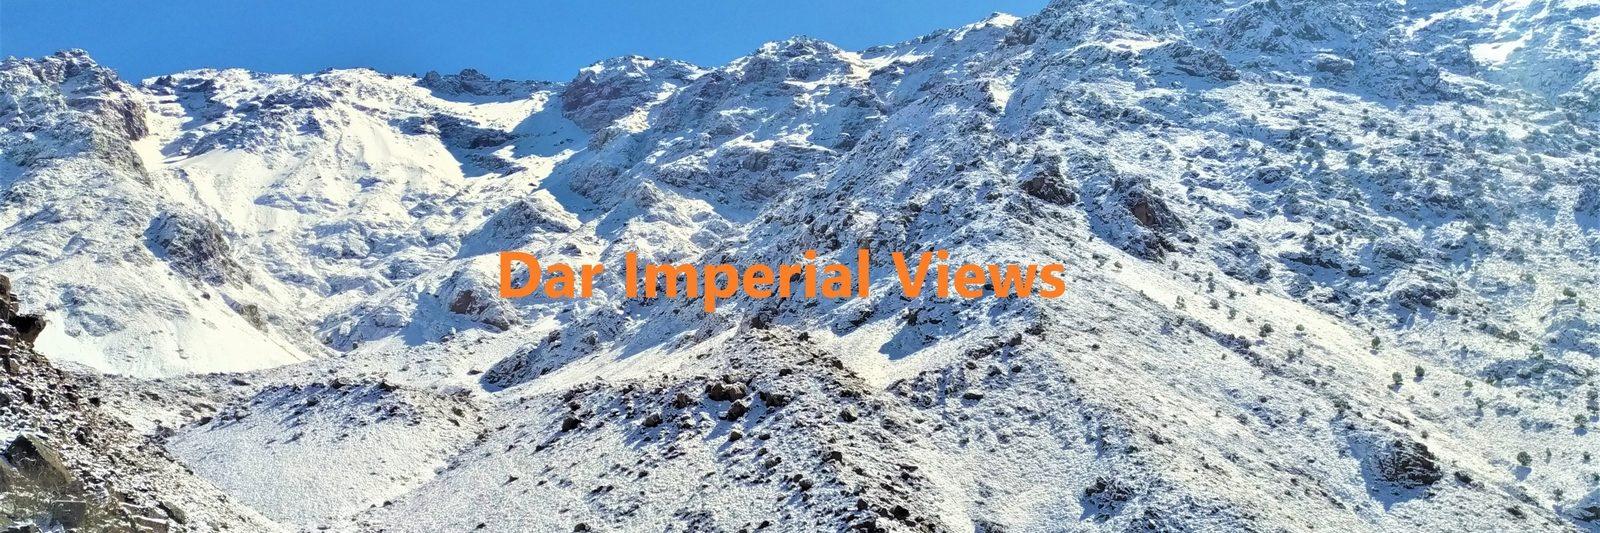 Dar Imperial Views